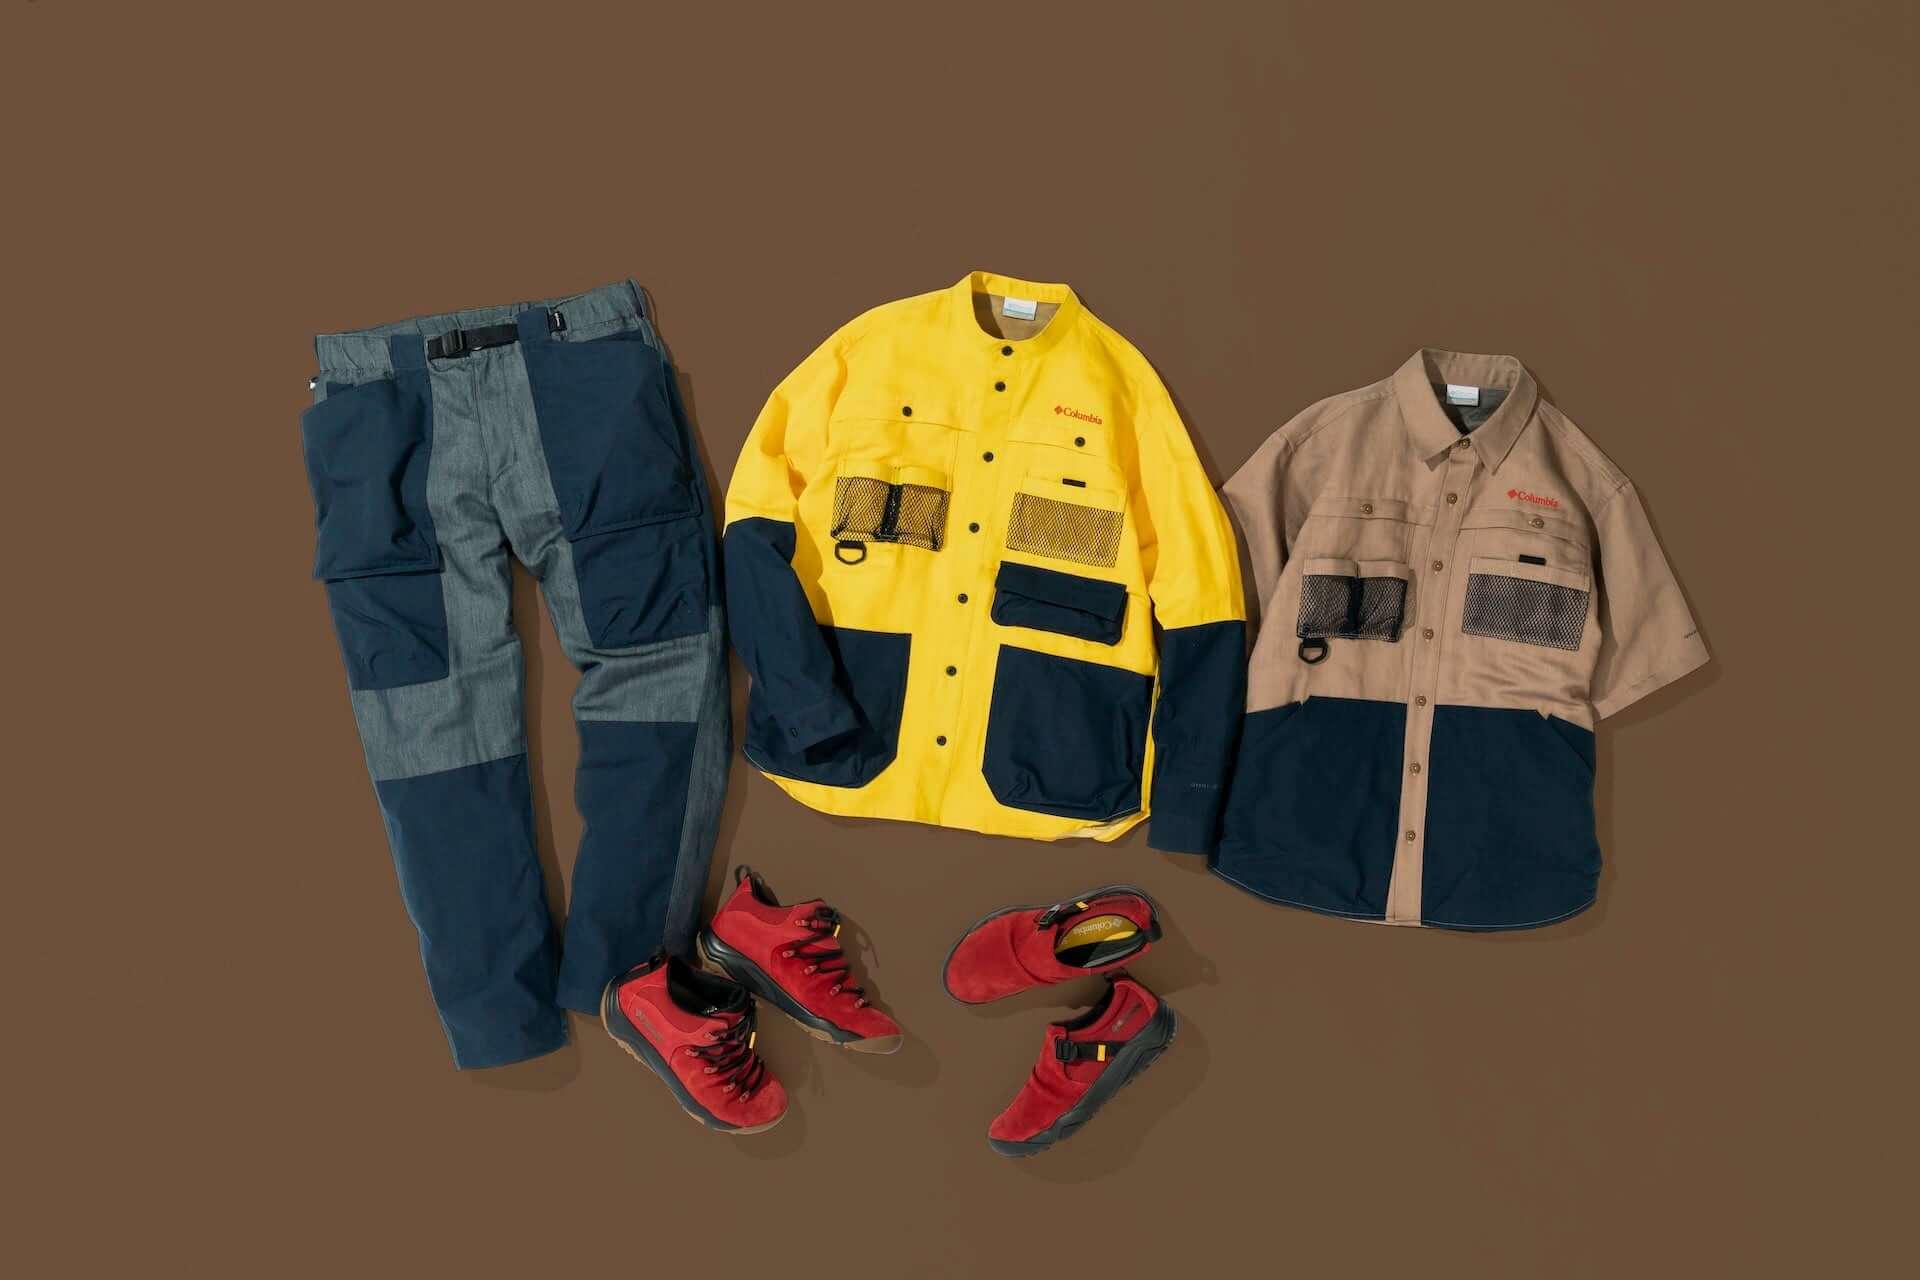 コロンビアとたけだバーベキューがコラボ!キャンプに最適な多機能シャツ、パンツ、シューズが発売決定 lf210210_coleman-takedabbq_13-1920x1280